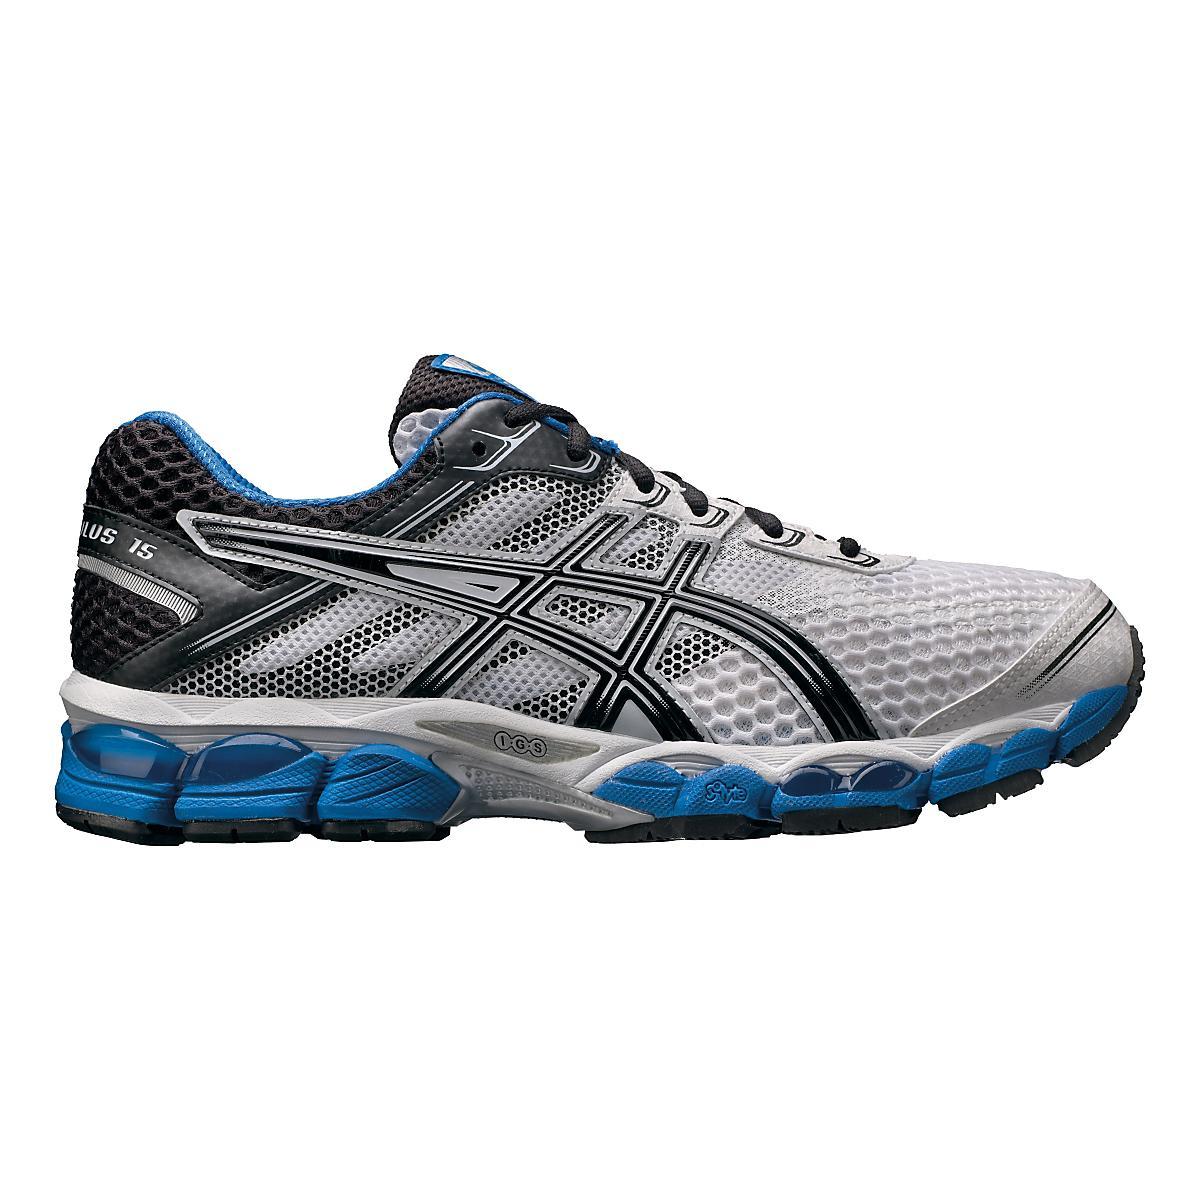 Chaussure homme de course à pied Sports pour homme ASICS pour GEL Cumulus 15 chez Road Runner Sports 2b54c65 - vendingmatic.info